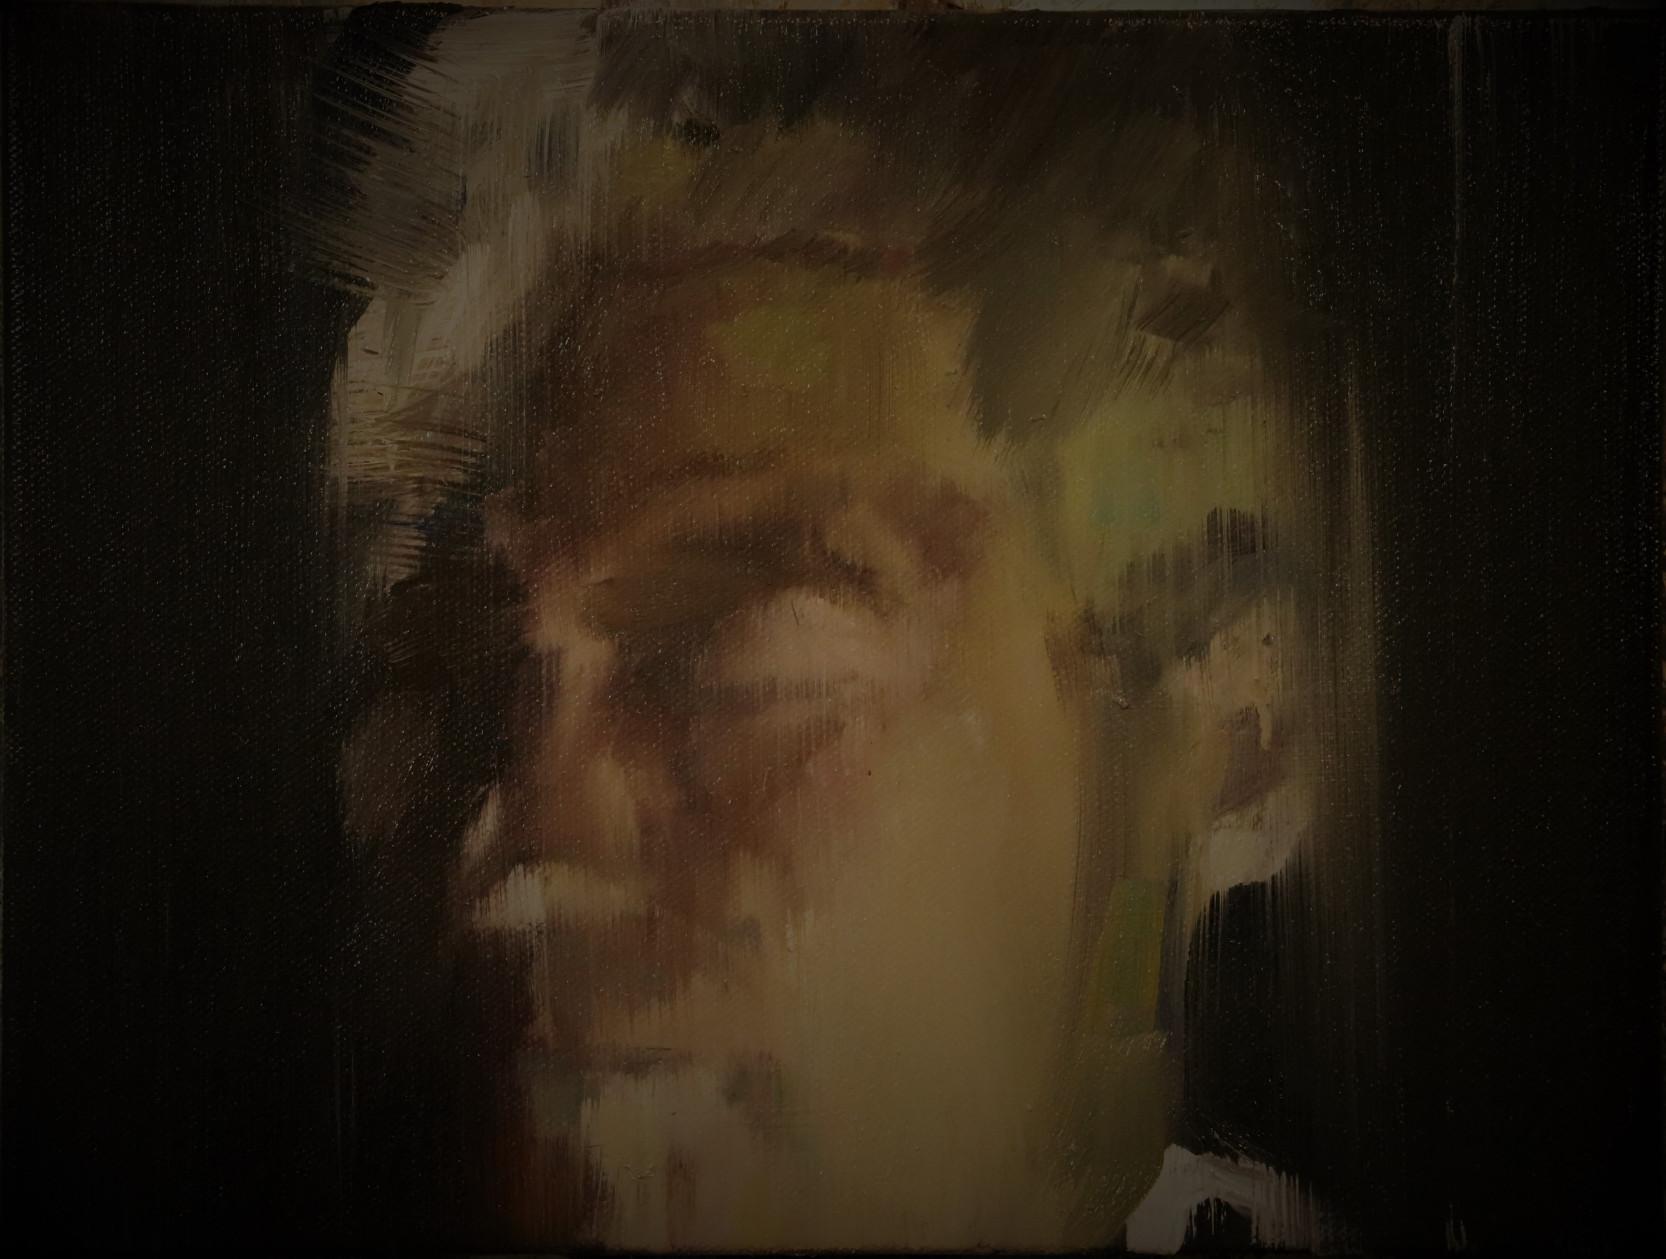 Portrait (Golden Face), oil on linen, 40x60cm, 1/2017